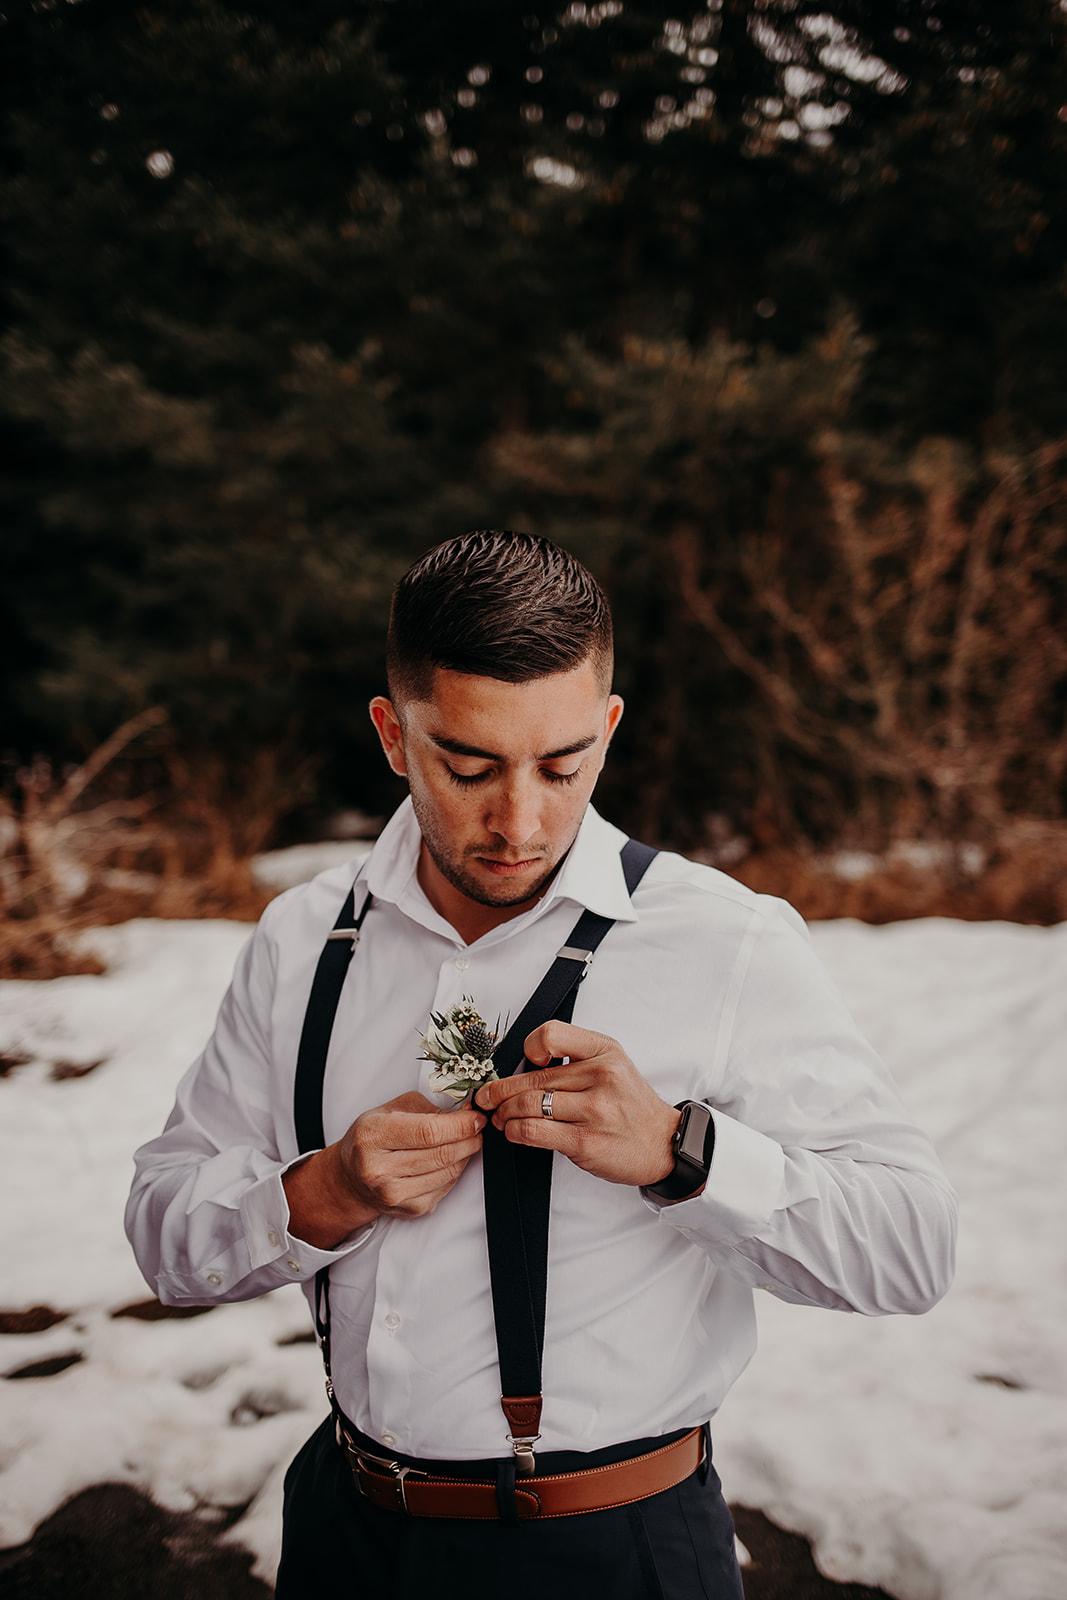 winter-mountain-elopement-asheville-wedding-photographer-megan-gallagher-photographer (4).jpg